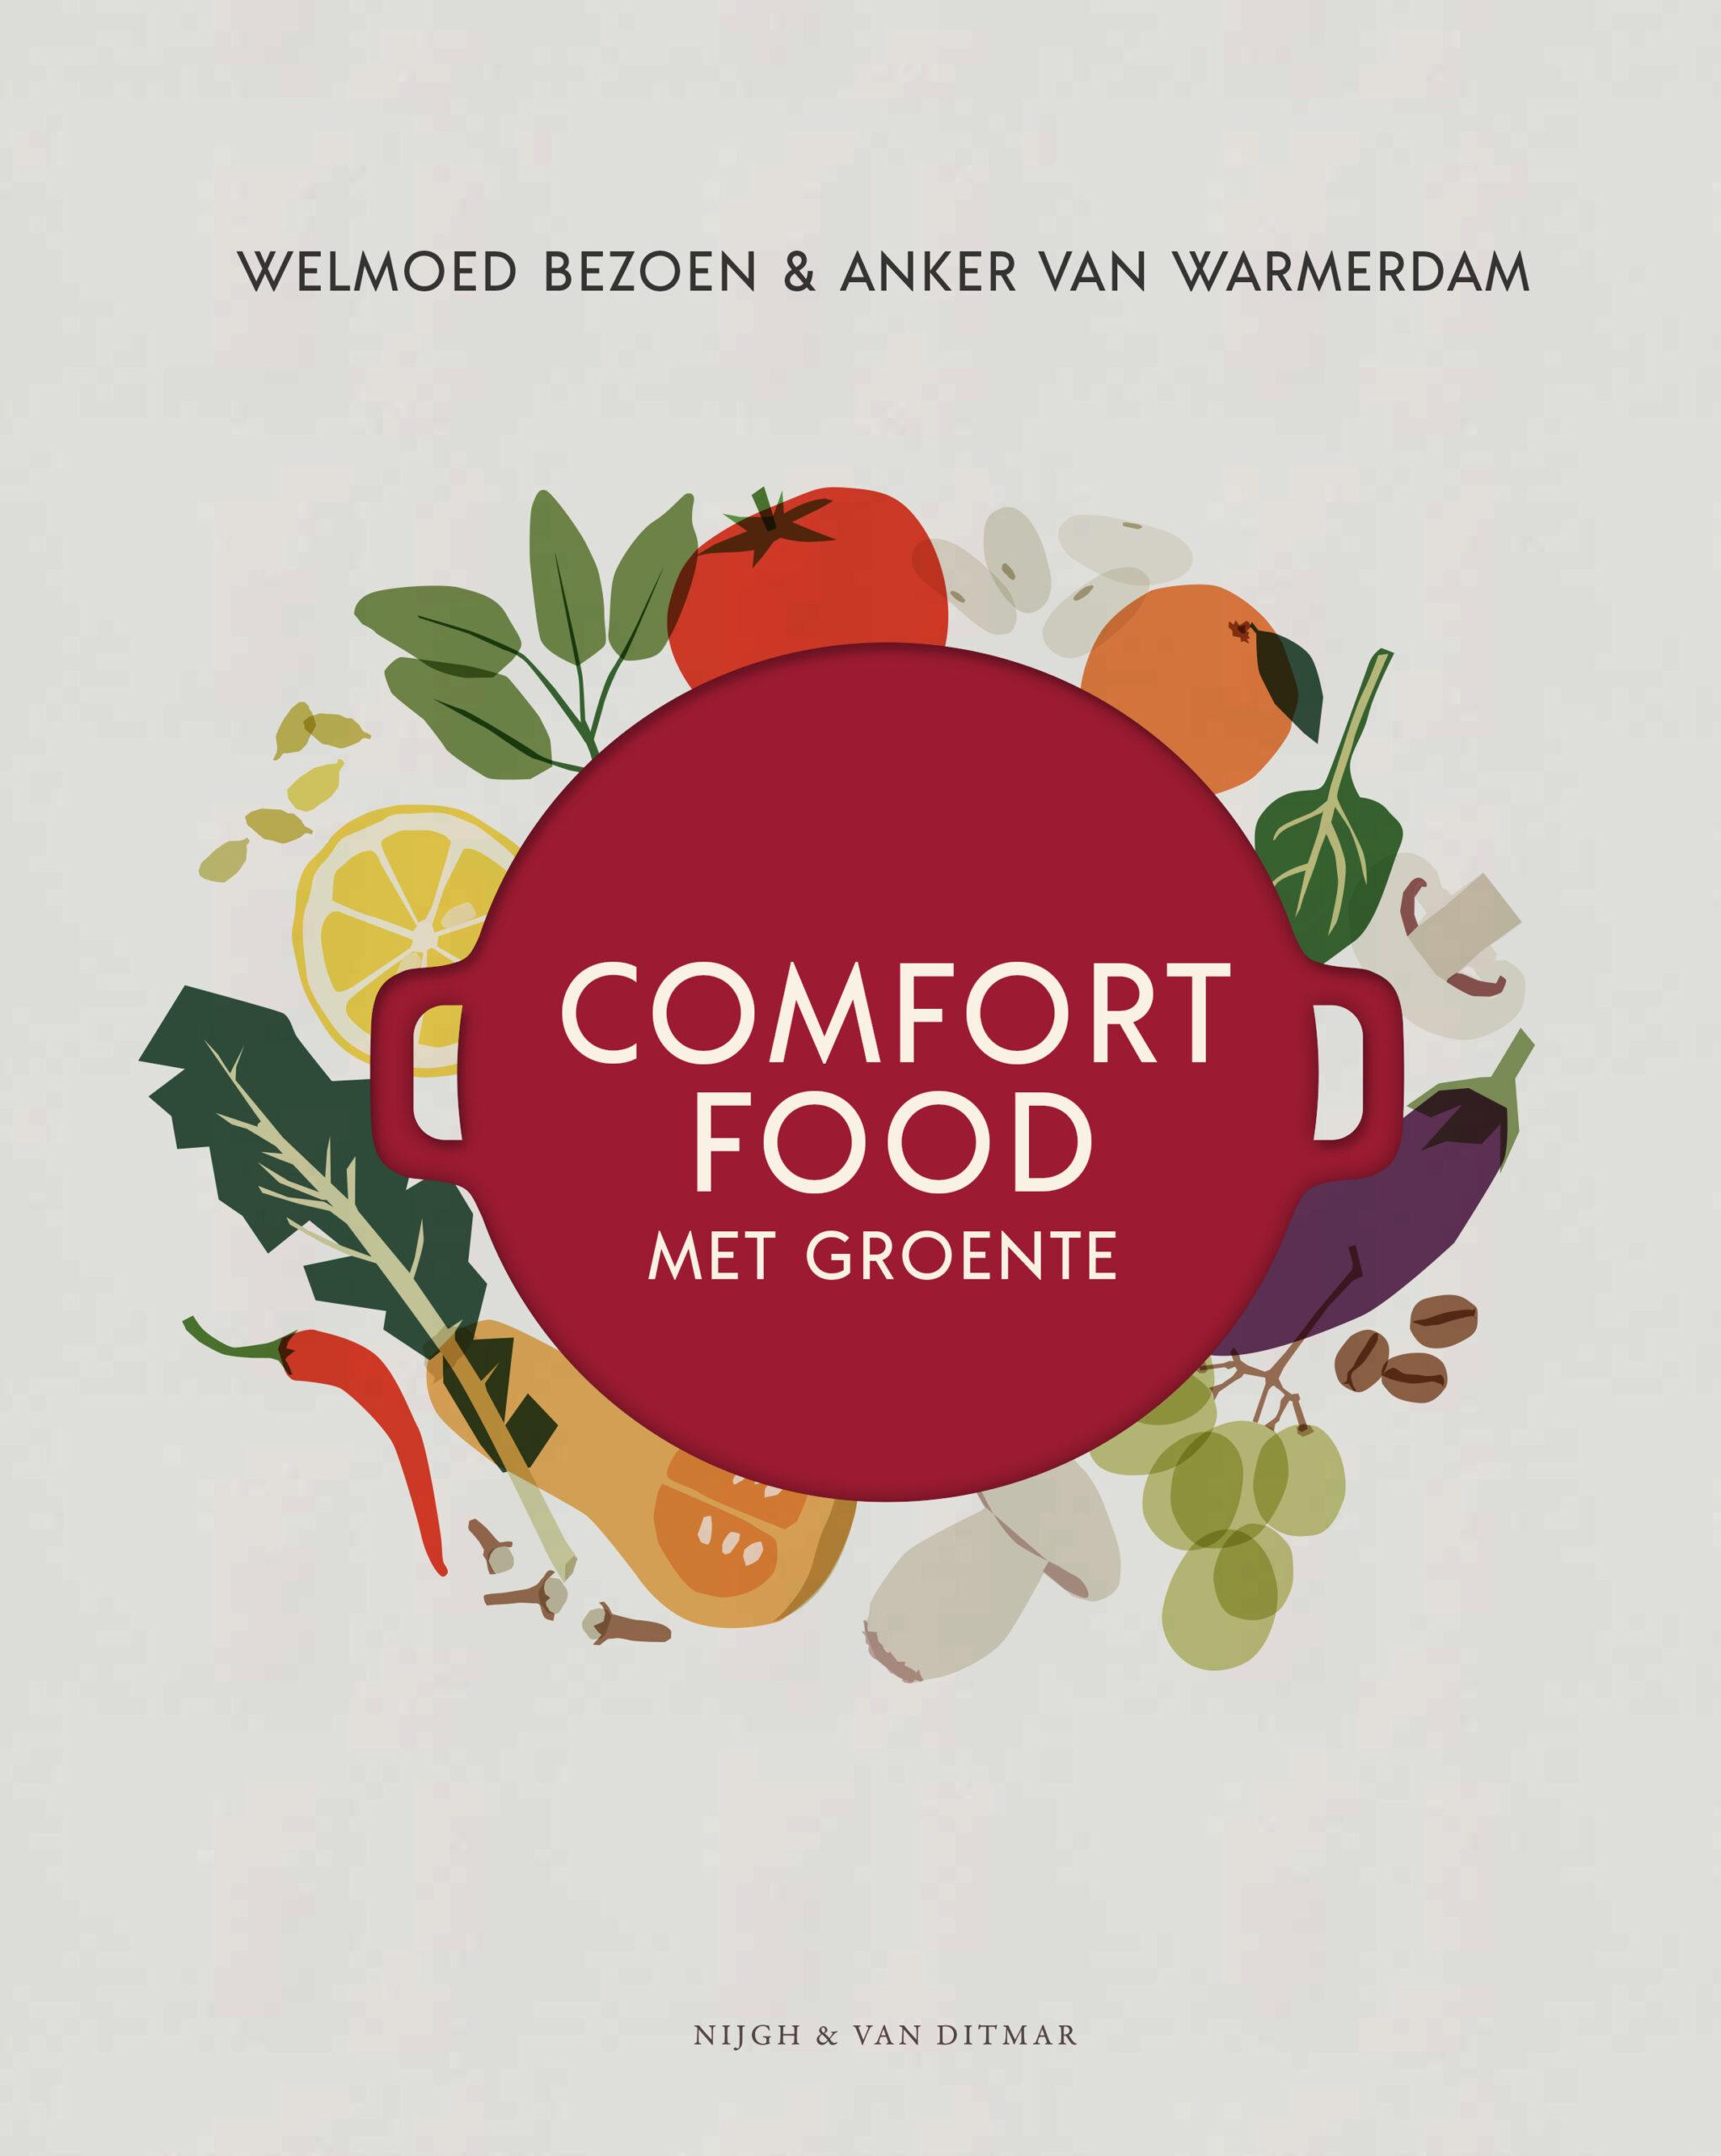 Comfort food met groente - boekenflits